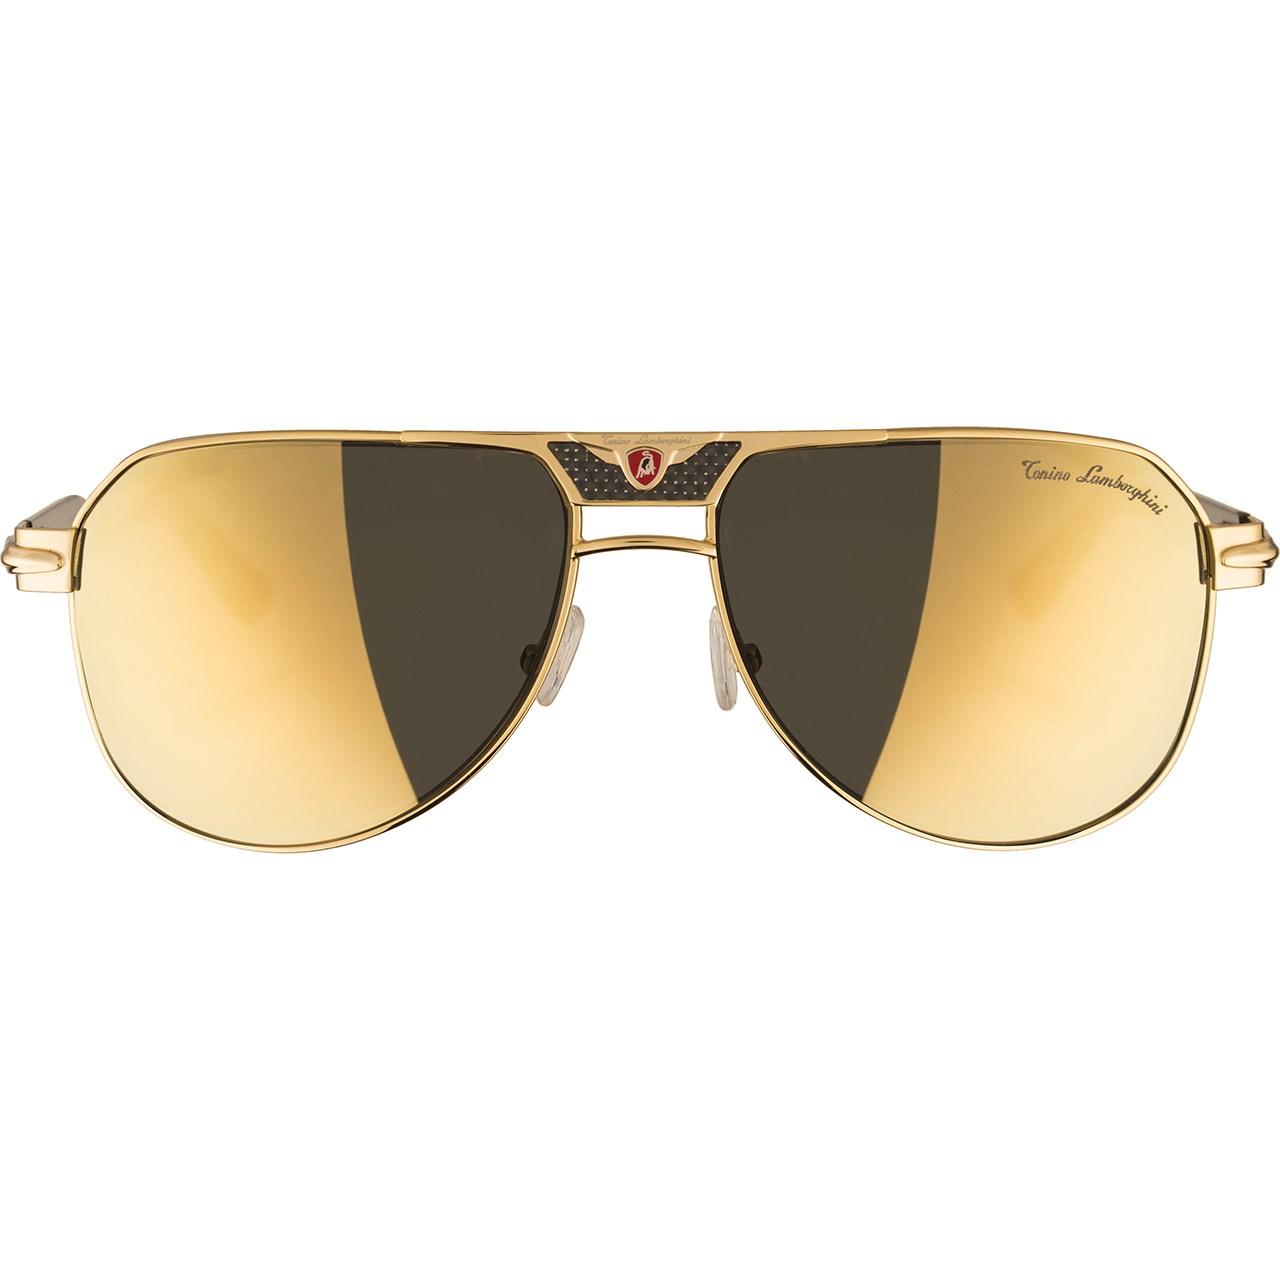 عینک آفتابی تونینو لامبورگینی مدل TL585-51